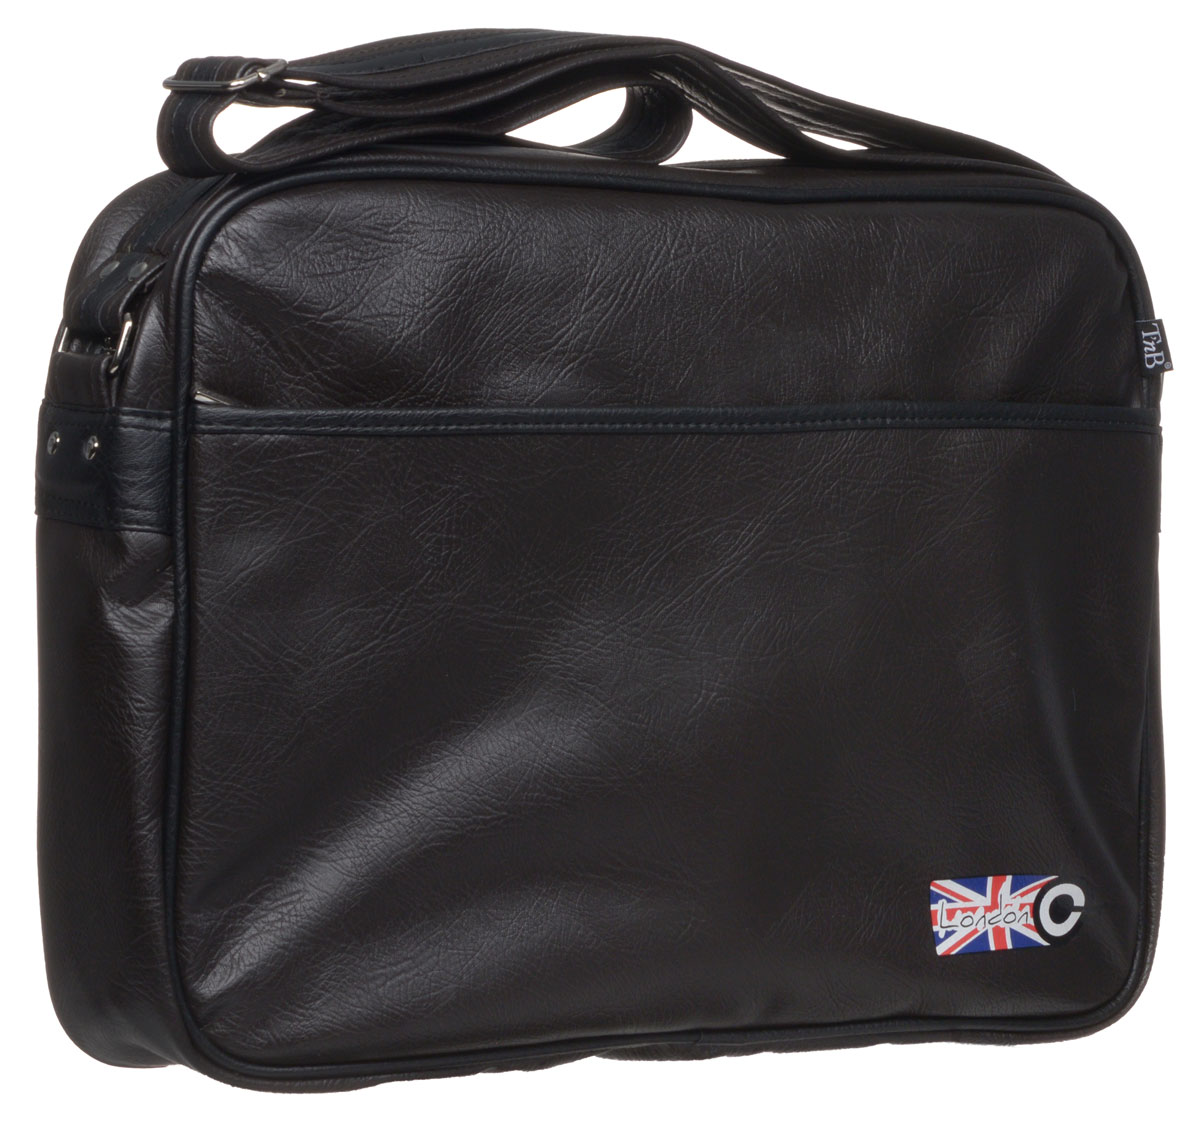 TNB MSORLD сумка для ноутбука 15, BrownMSORLDTNB MSORLD - стильная и надежная сумка для ноутбуков с диагональю до 15,6 дюймов. Она эффективно защитит ваше устройство благодаря стойкому пенному материалу с функцией памяти, а также усиленной внутренней подкладке. Также имеются дополнительные отсеки для документов и аксессуаров.